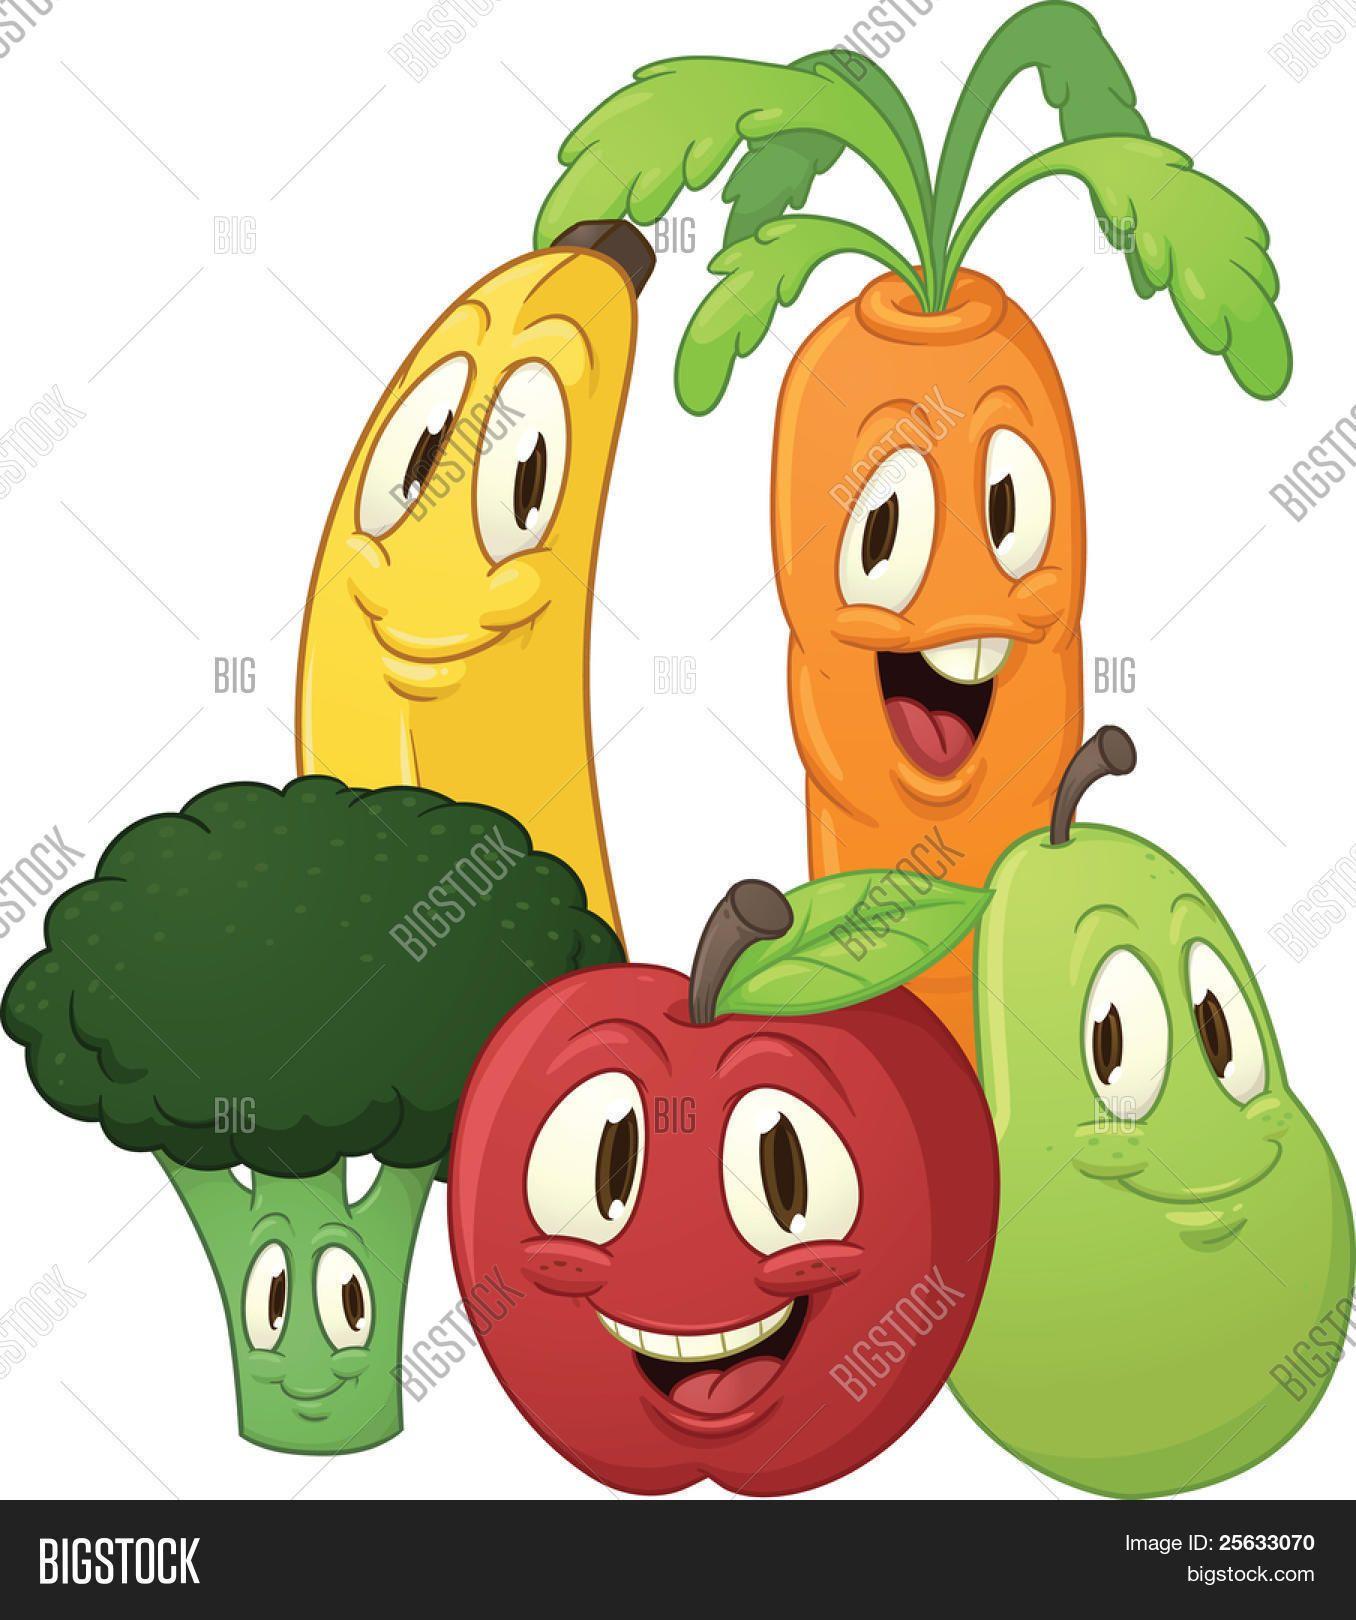 Resultado De Imagen De Dibujos De Frutas Y Verduras Animadas Dibujos De Frutas Imagenes De Dibujos Frutas